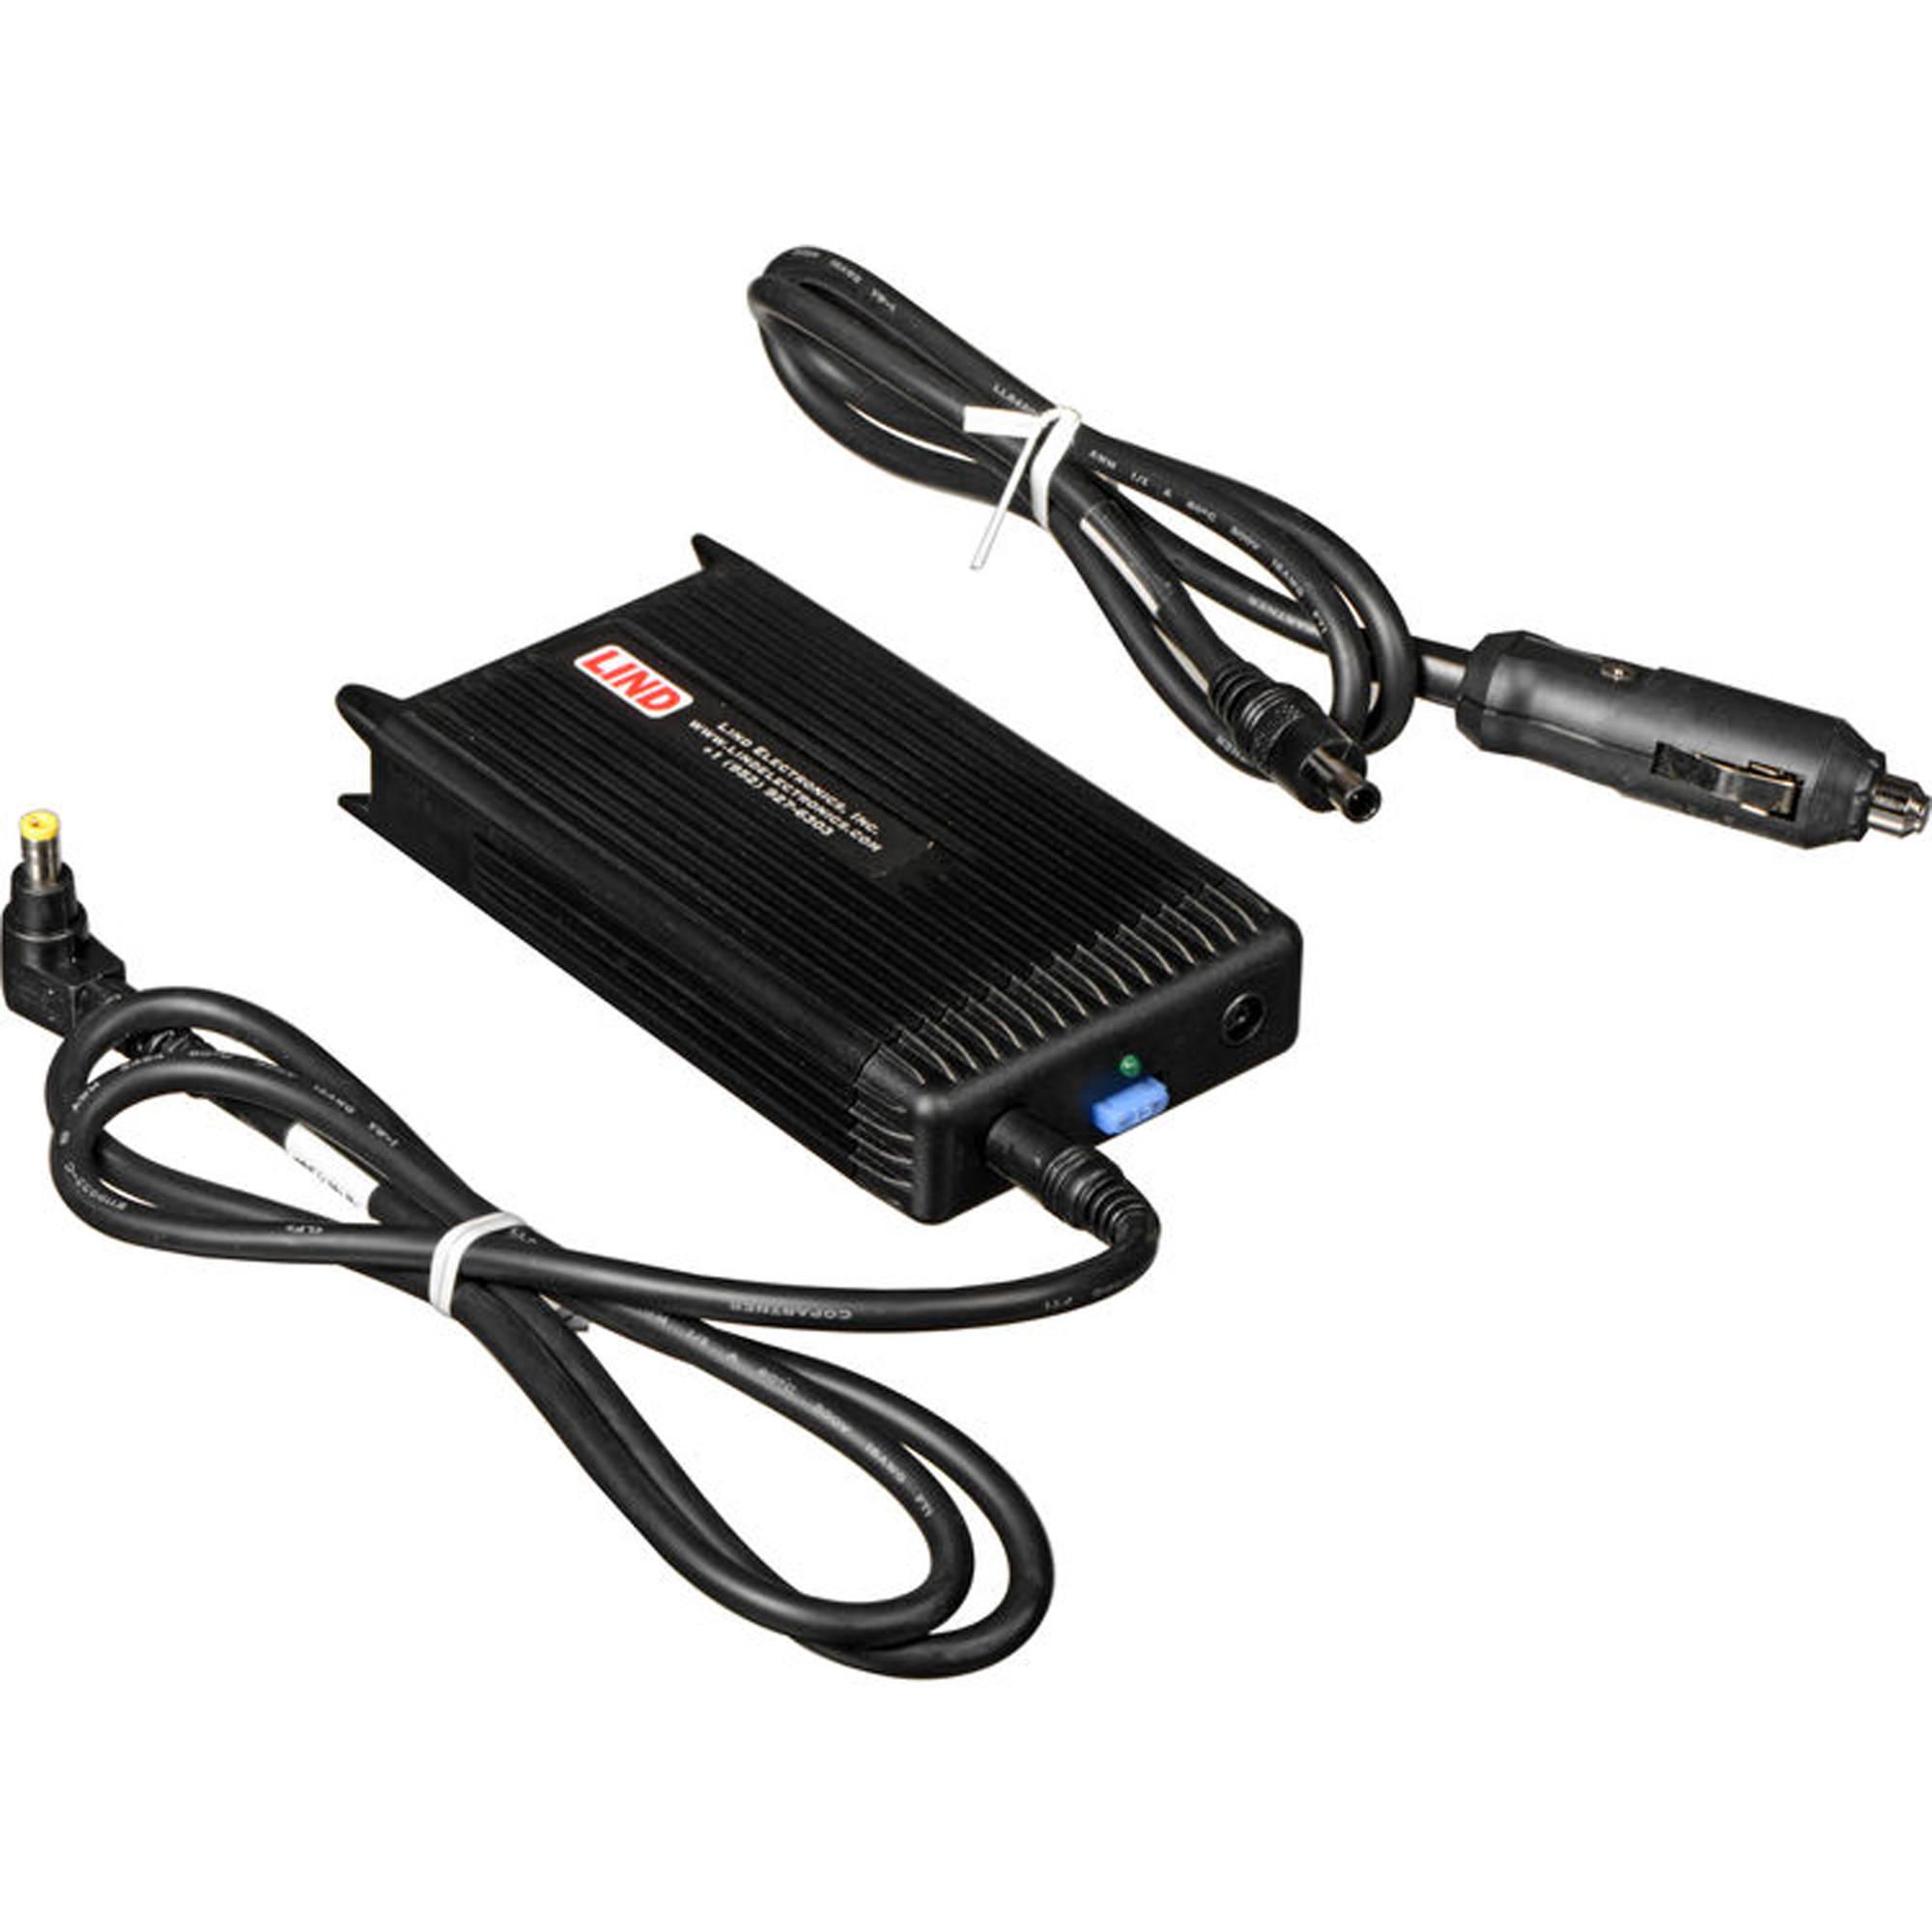 Panasonic Lind Pa1580-1642 - Power Adapter - Car - 120 Watt (cf-lnddc120)